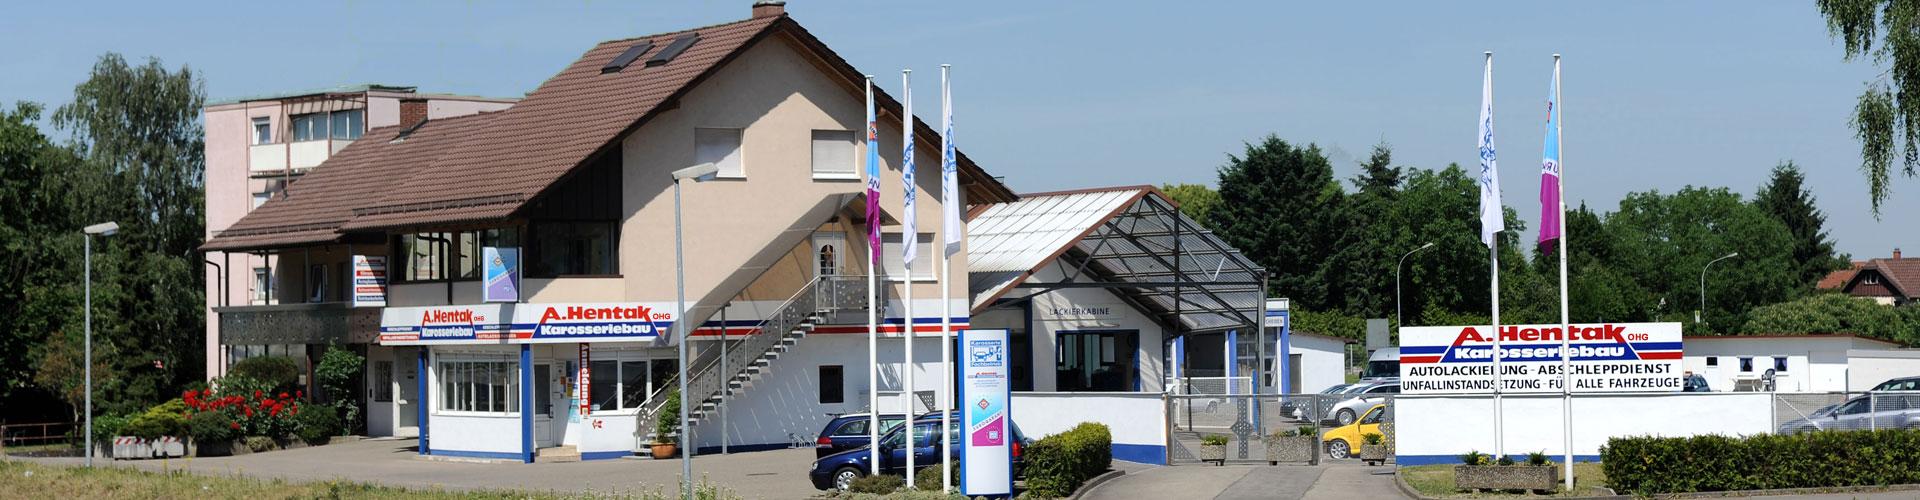 Karosserie Meisterwerkstatt Hentak OHG in Offenburg